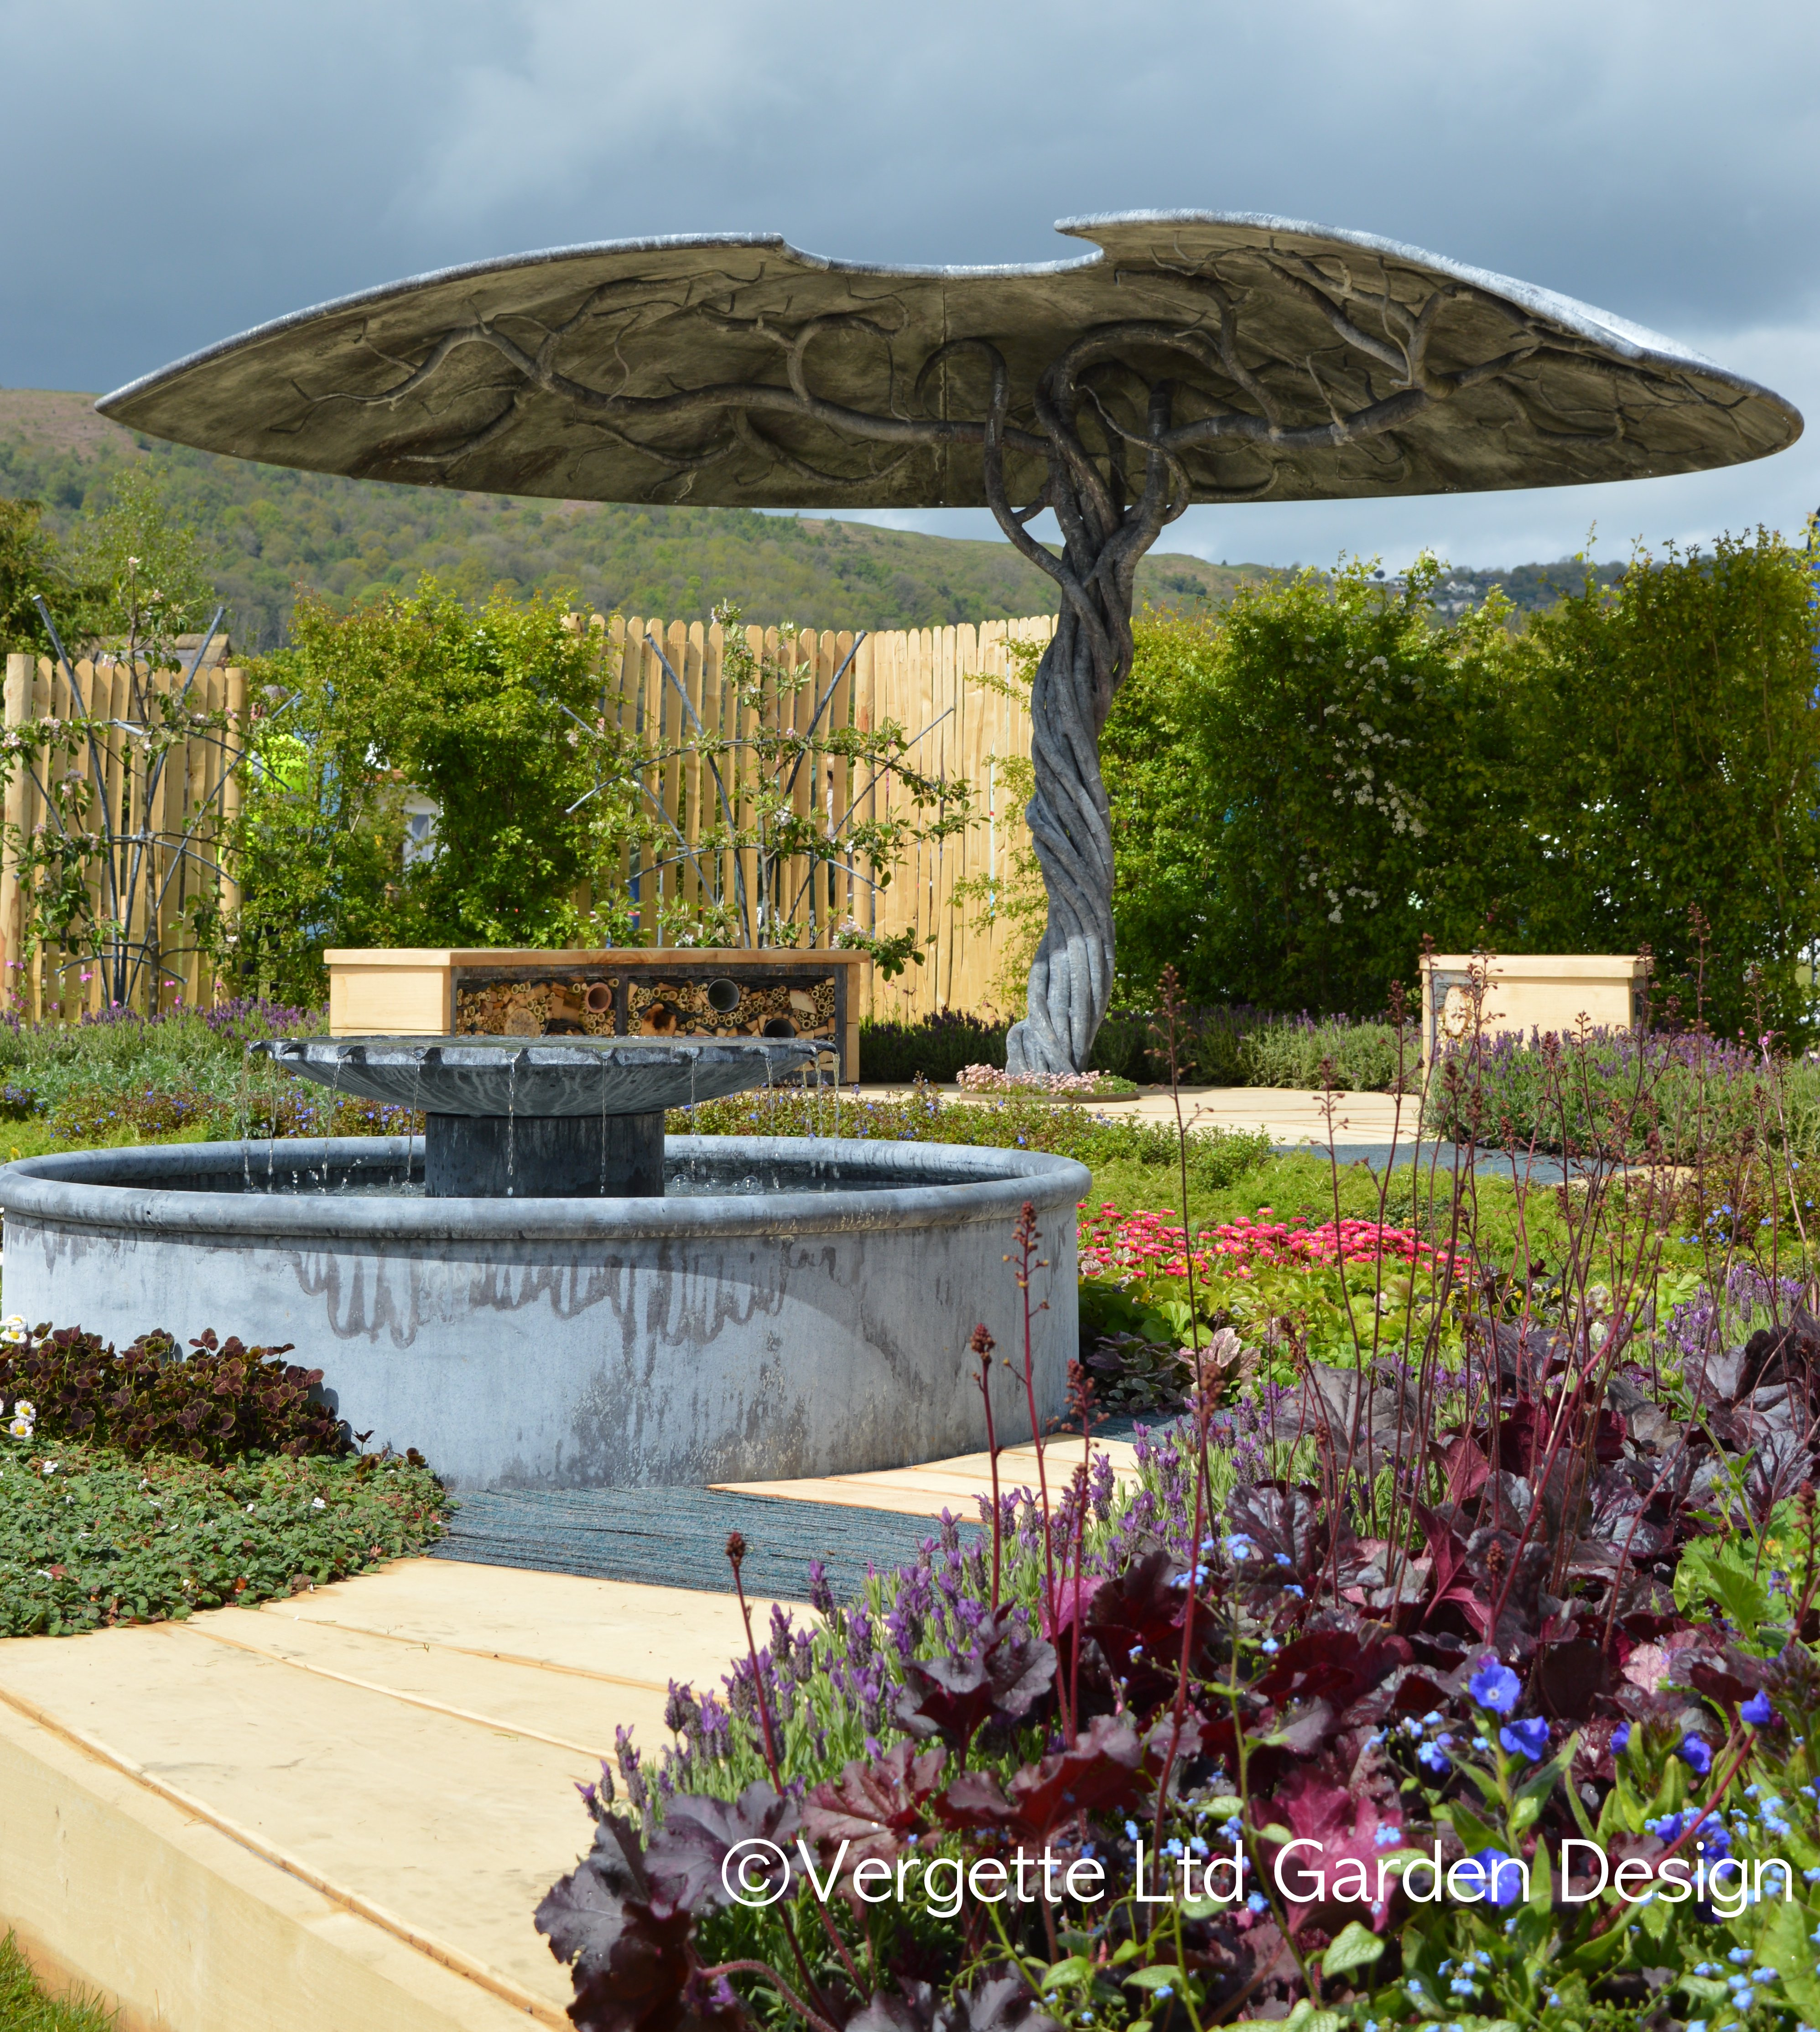 Vergette Ltd Garden Design Hereford Worcester Vergette Gardens